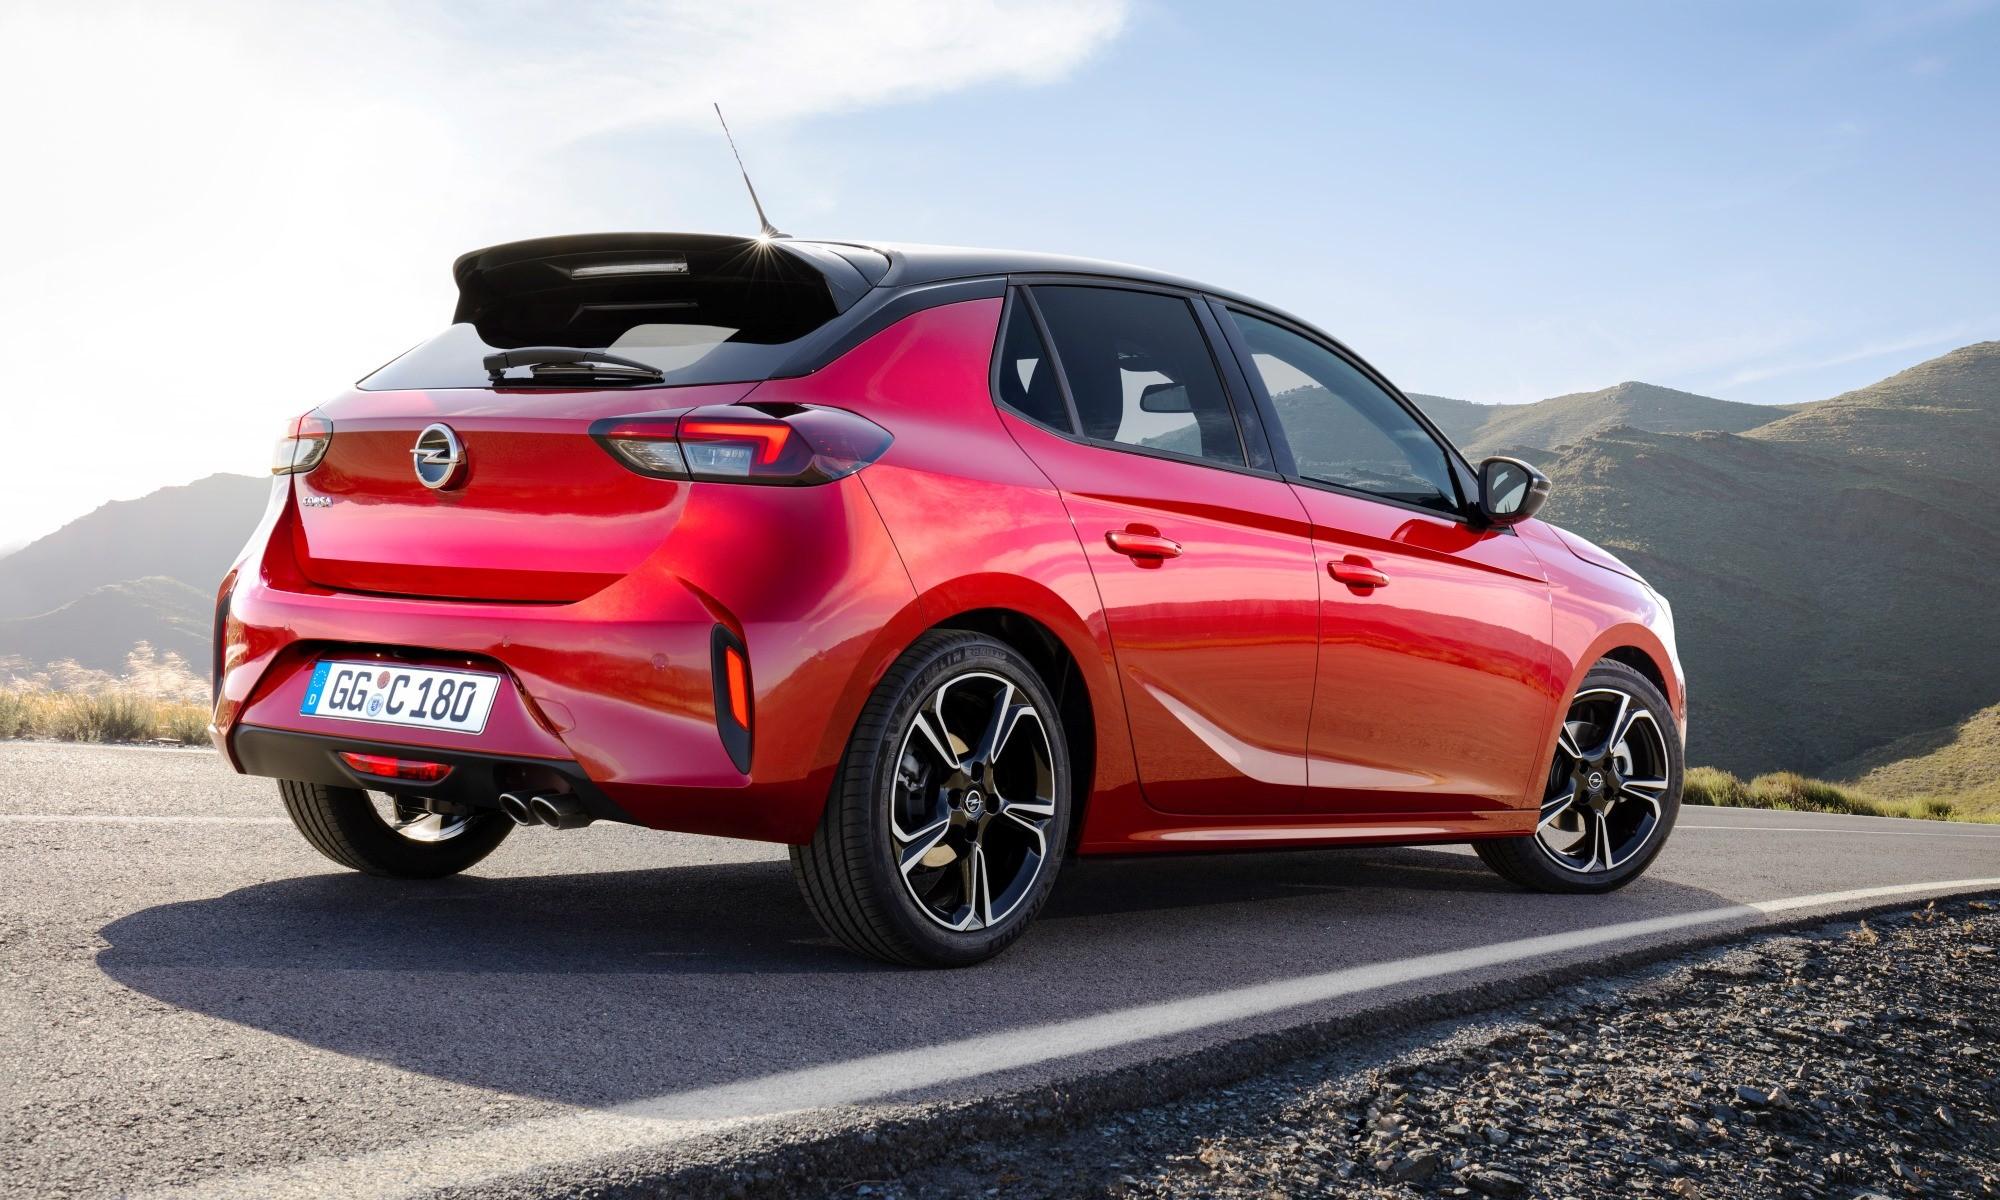 New Opel Corsa rear